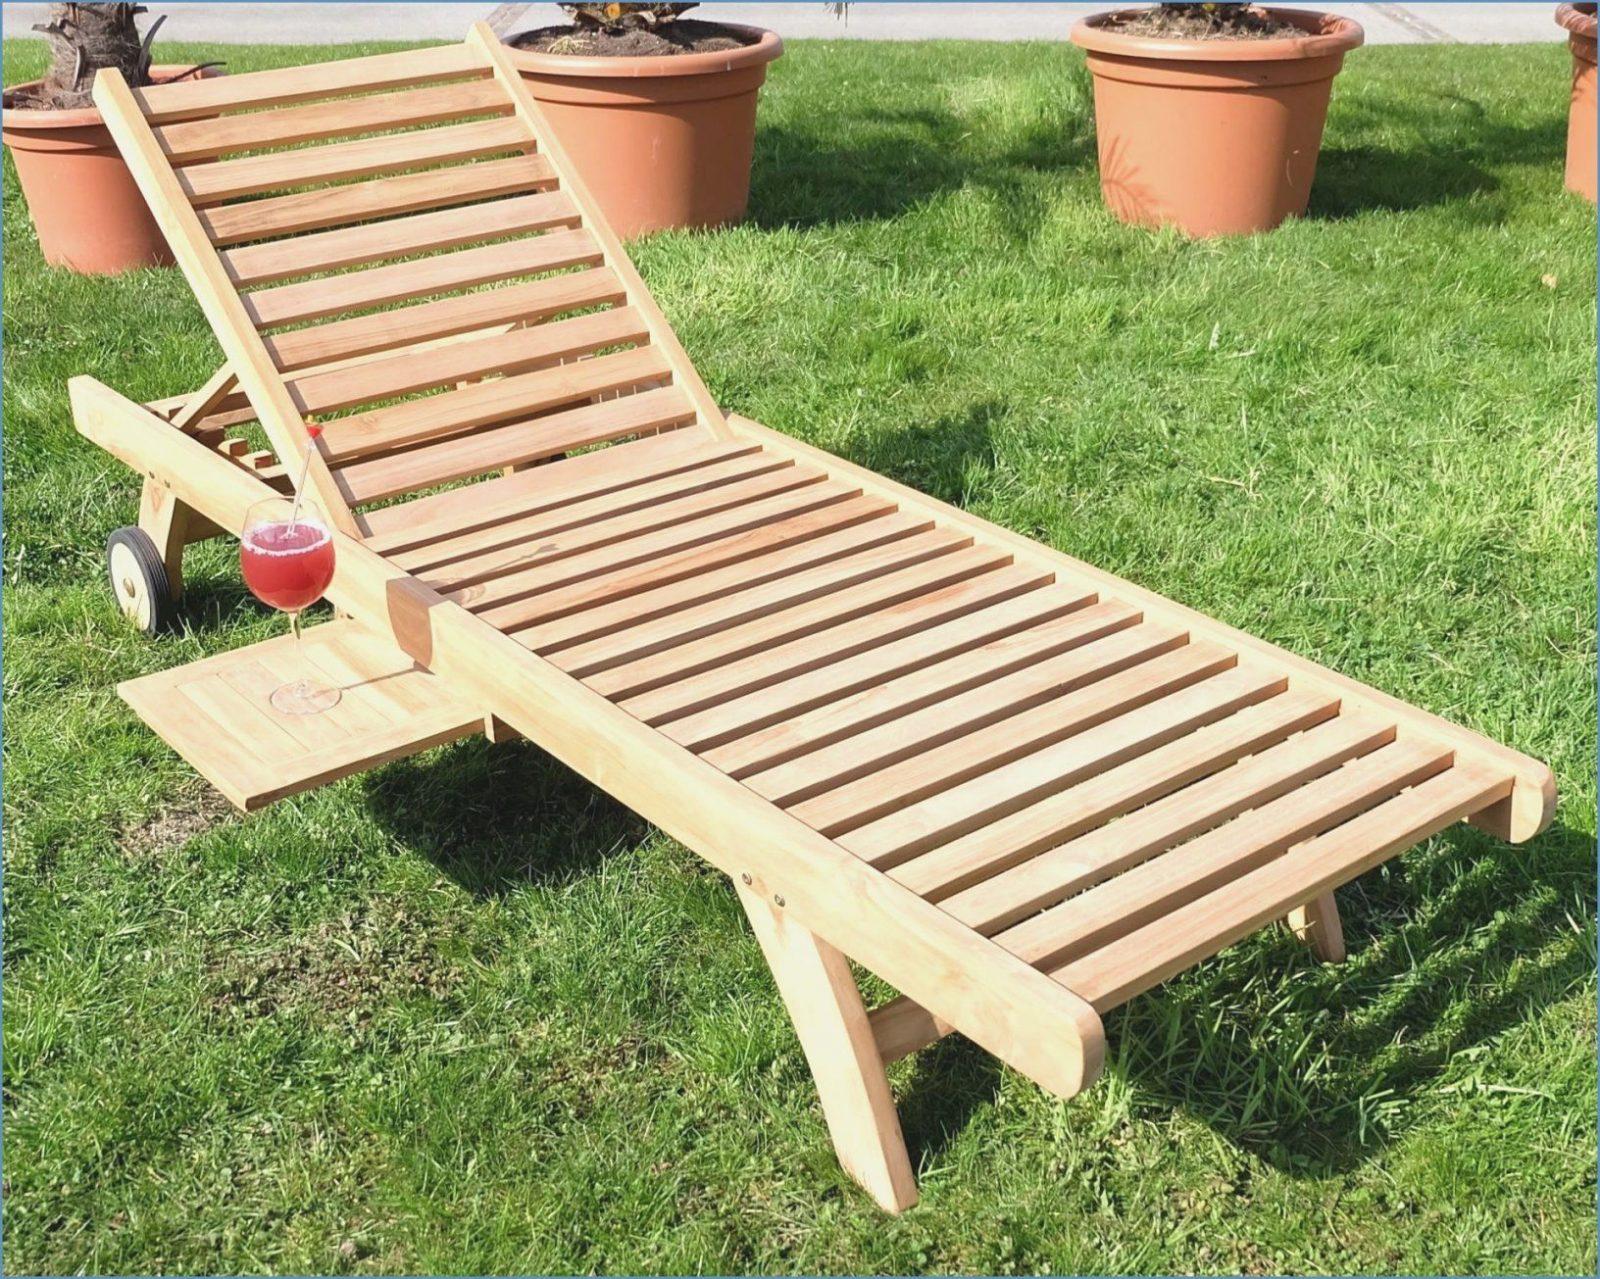 Elegant Beste Gartenliege Holz Selber Bauen Zum Gartenliege Holz von Sonnenliege Holz Selber Bauen Bild